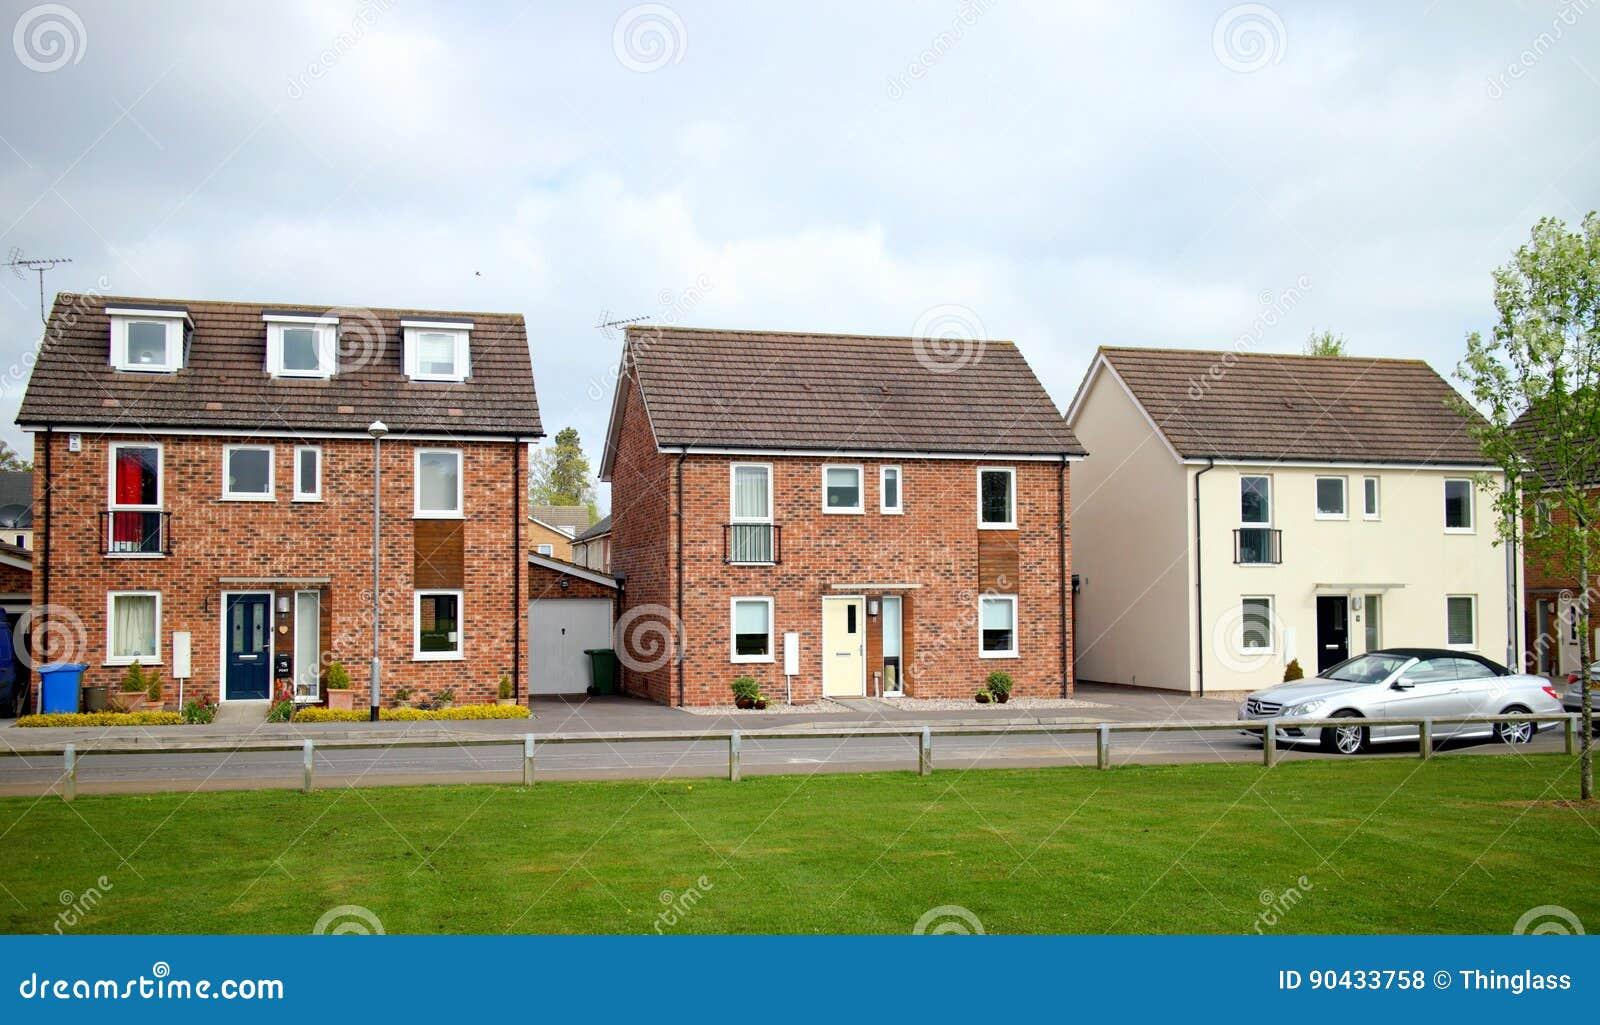 Moderne Häuser in England redaktionelles stockfoto. Bild von außen ...